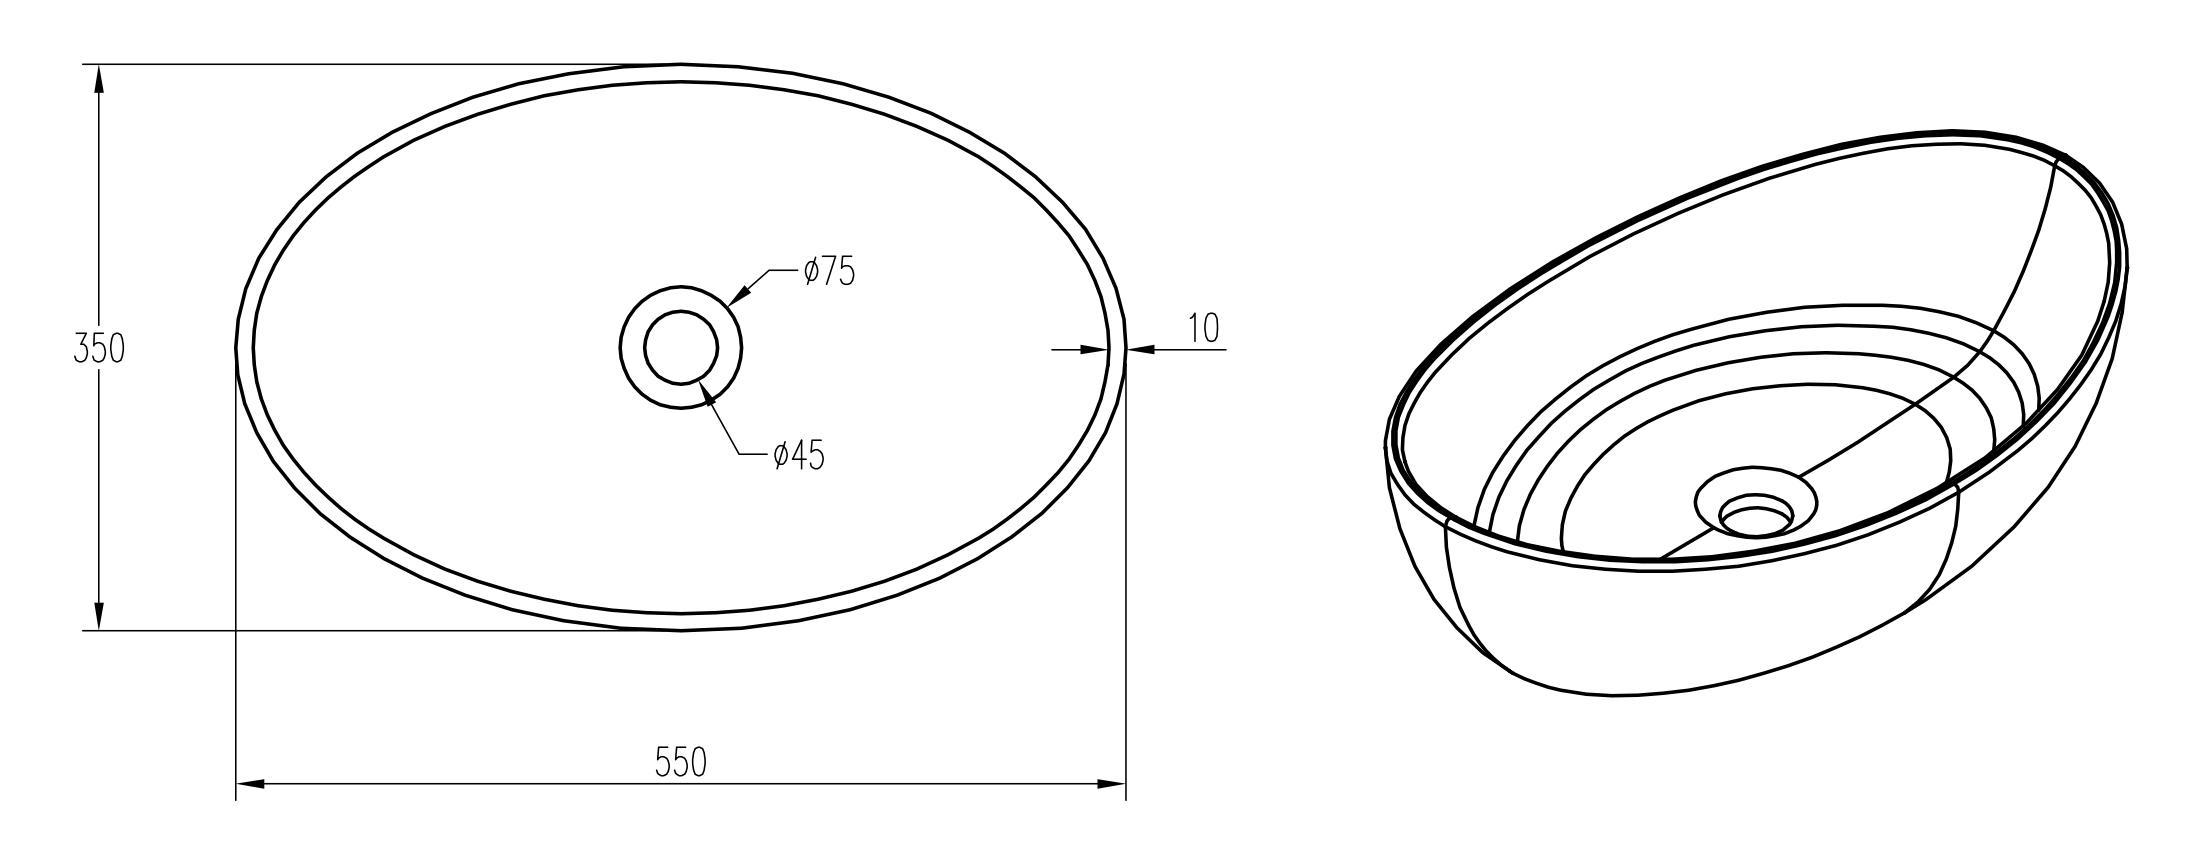 Aufsatzwaschbecken PB2004 - Zeichnung 1